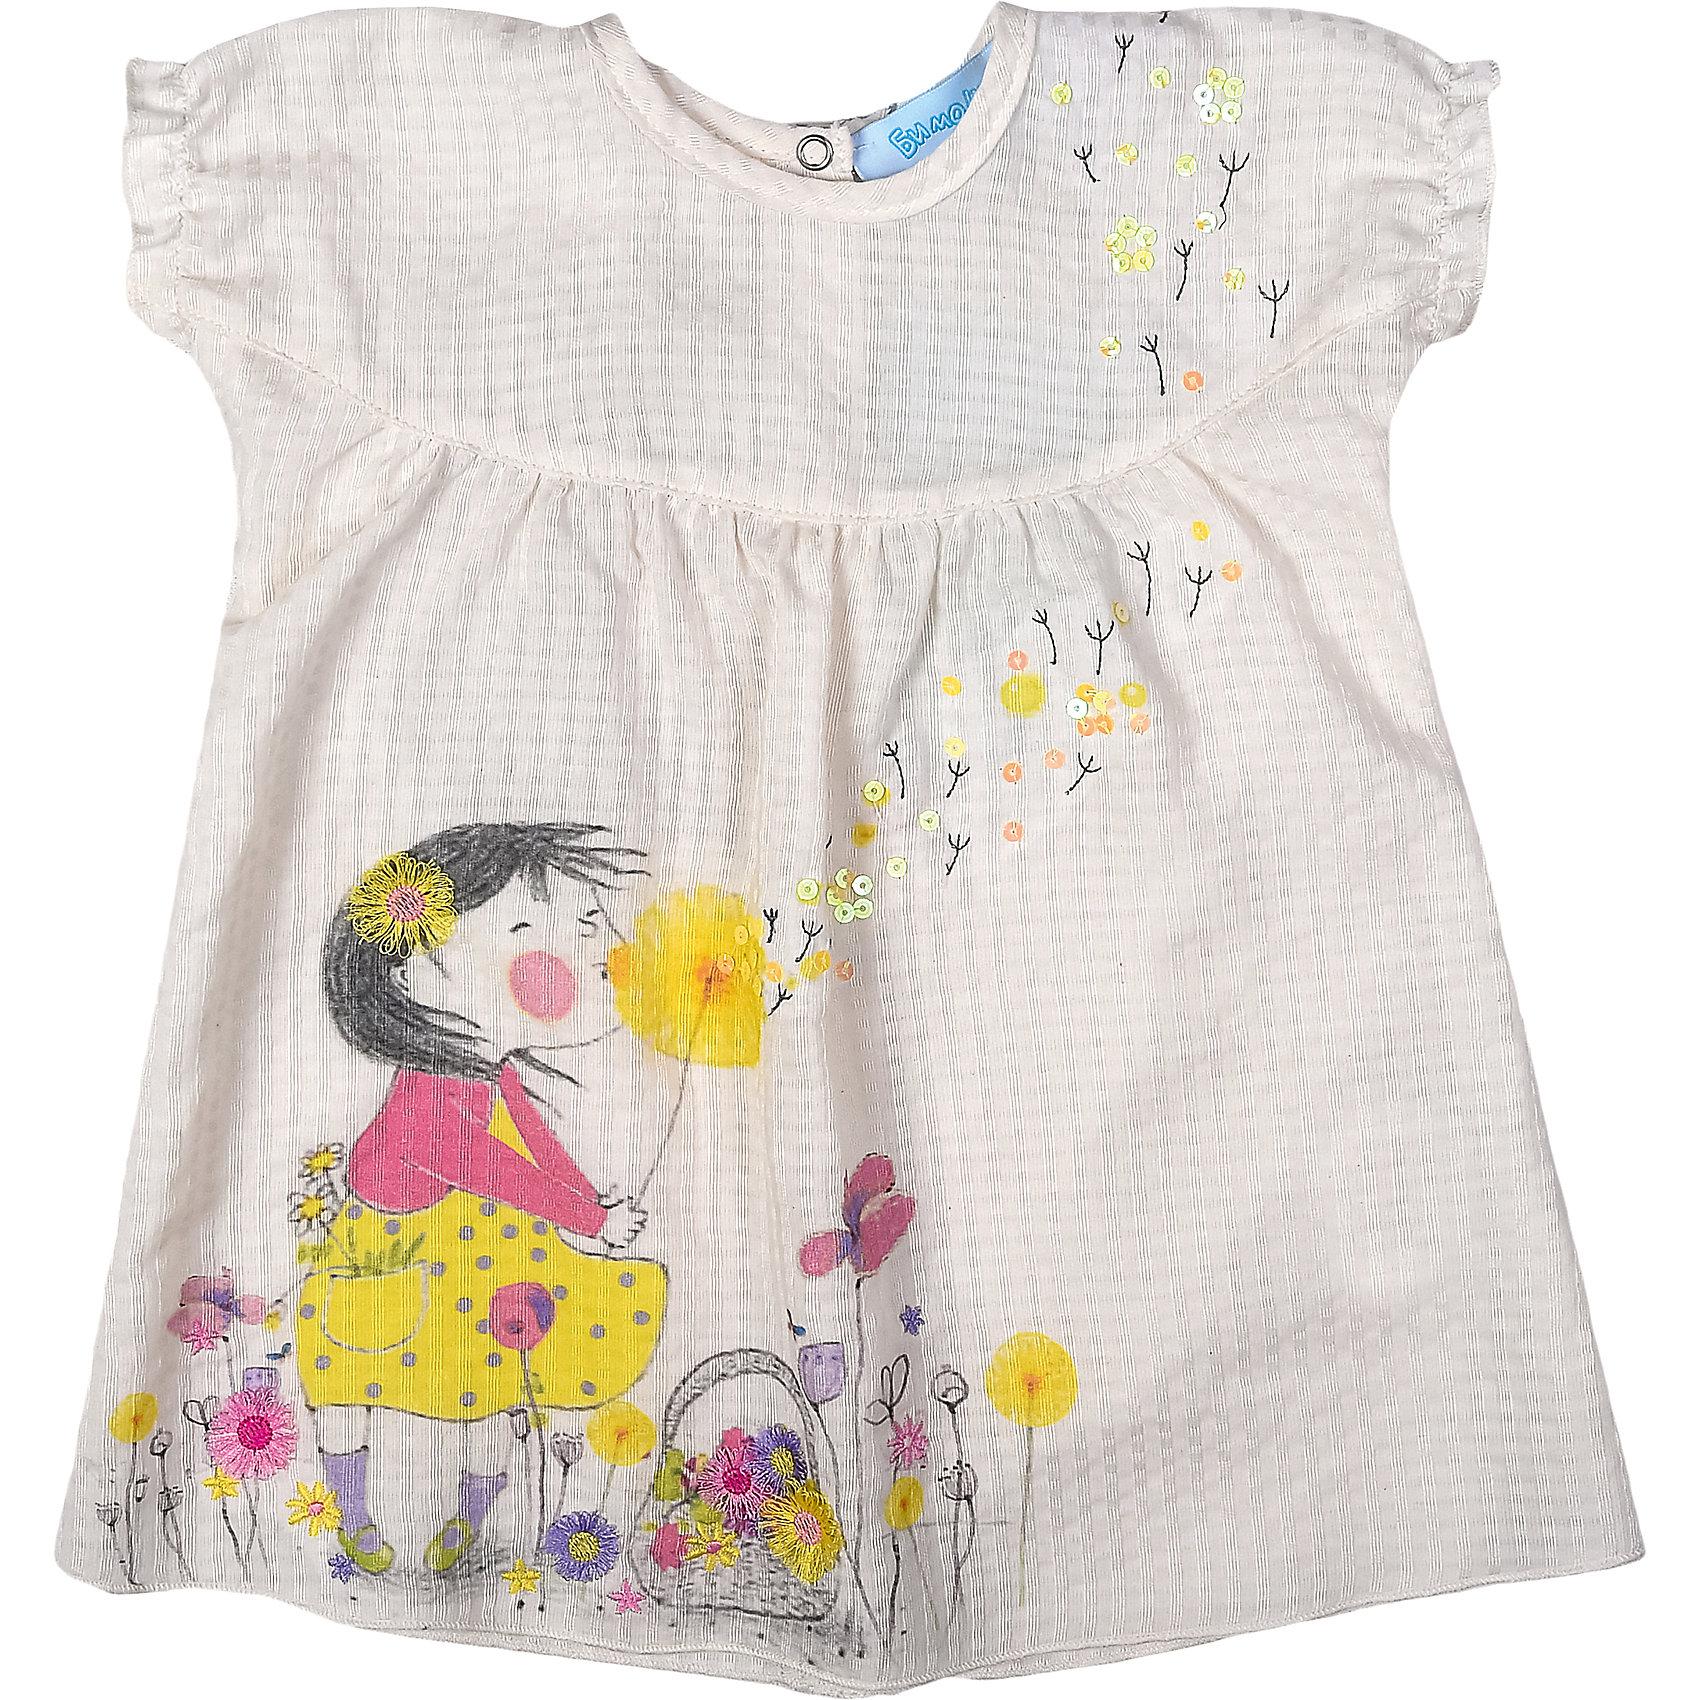 Платье для девочки БимошаПлатья<br>Платье для девочки от марки Бимоша.<br>Полочка платья украшена оригинальной печатью, пайетками, сзади застежка на кнопках  по всей длине изделия<br>Состав:<br>100% хлопок<br><br>Ширина мм: 236<br>Глубина мм: 16<br>Высота мм: 184<br>Вес г: 177<br>Цвет: белый<br>Возраст от месяцев: 3<br>Возраст до месяцев: 6<br>Пол: Женский<br>Возраст: Детский<br>Размер: 68,80,74,62<br>SKU: 4578828